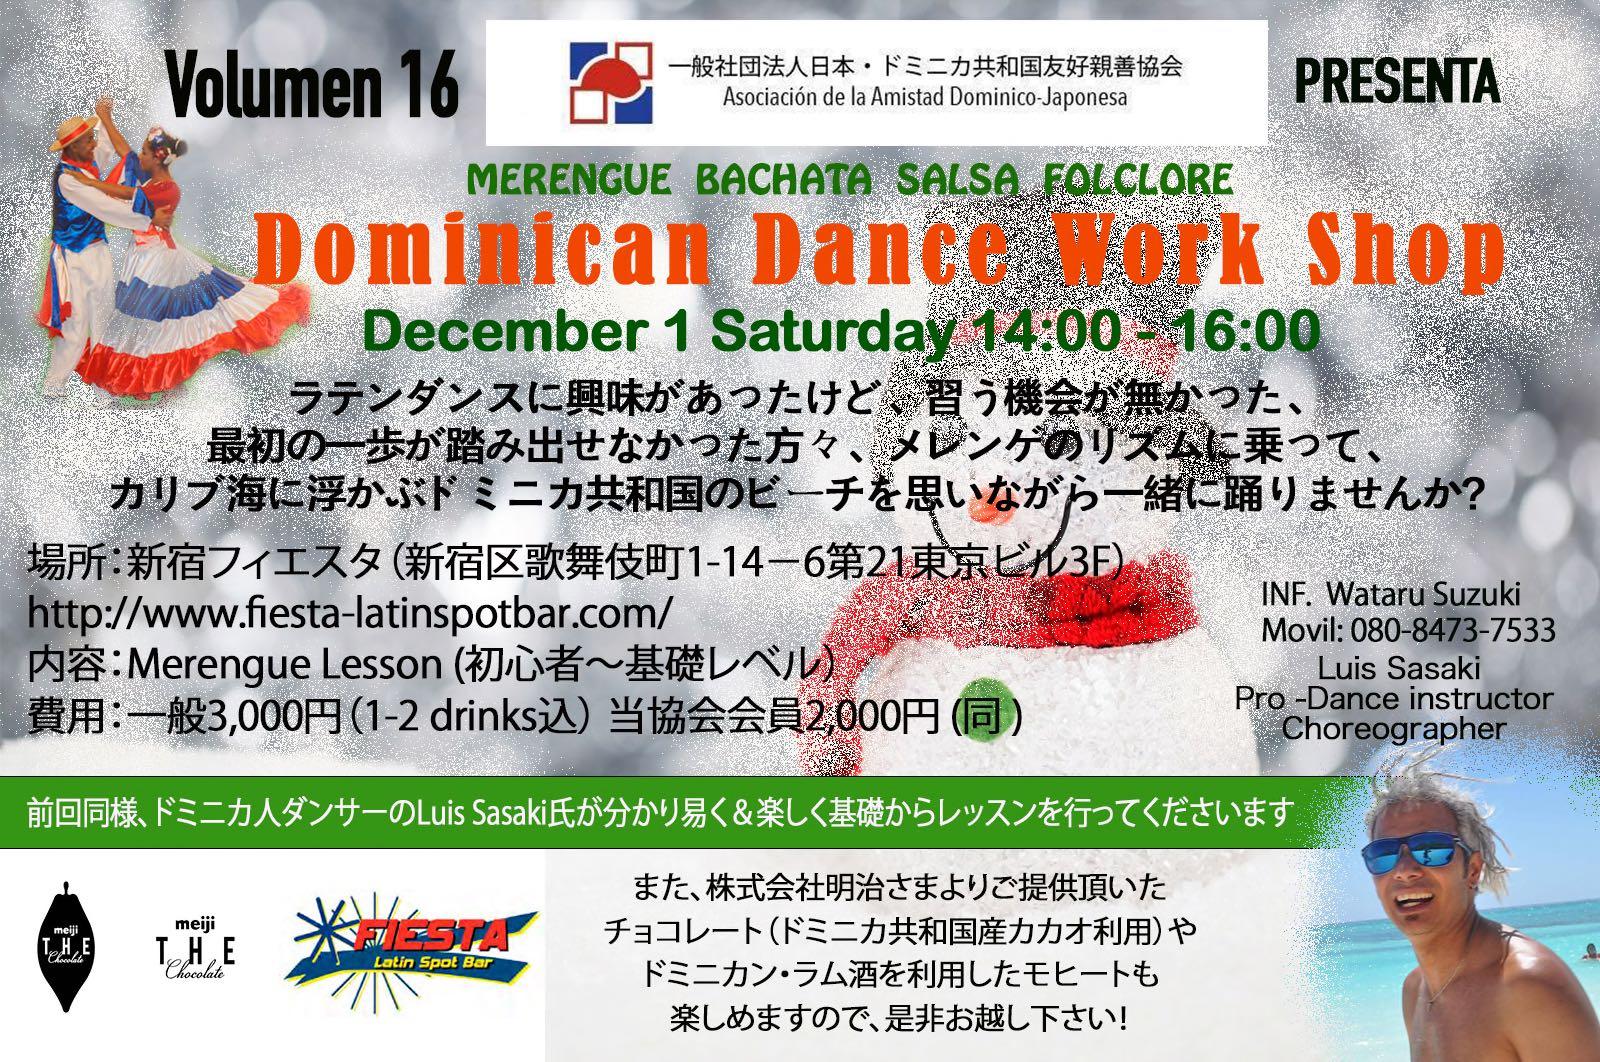 第16回ドミニカンダンス・ワークショップ開催のお知らせ! (¡La decimosexta taller de baile dominicano!)